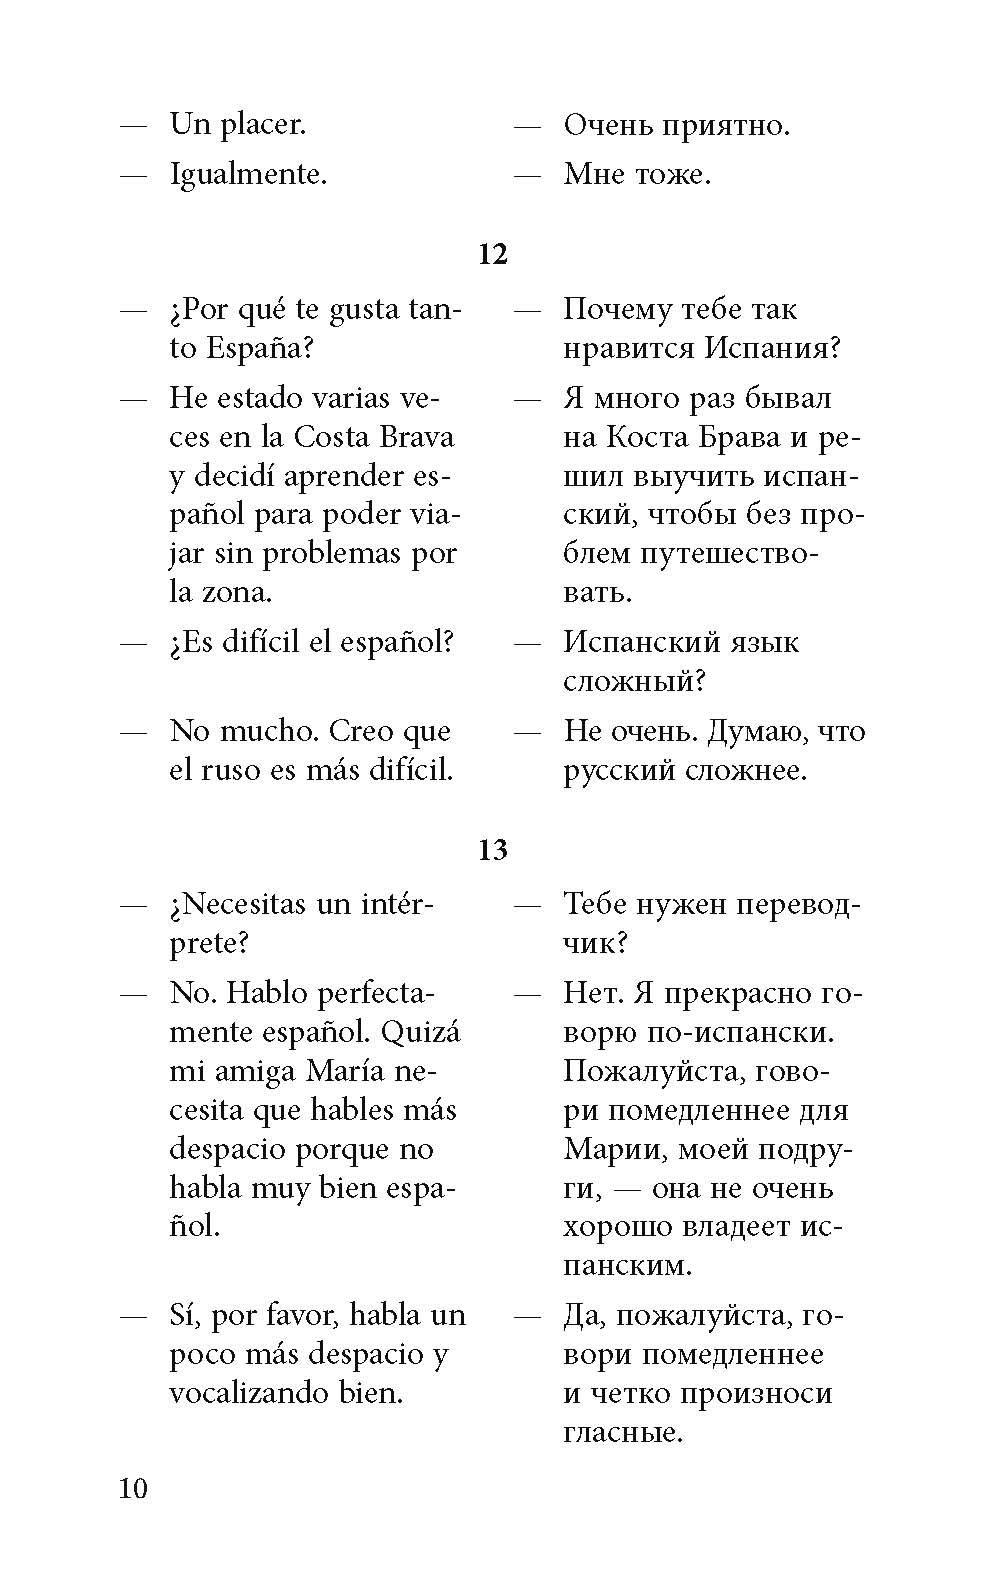 Стихи на испанском с переводом на русский и произношением